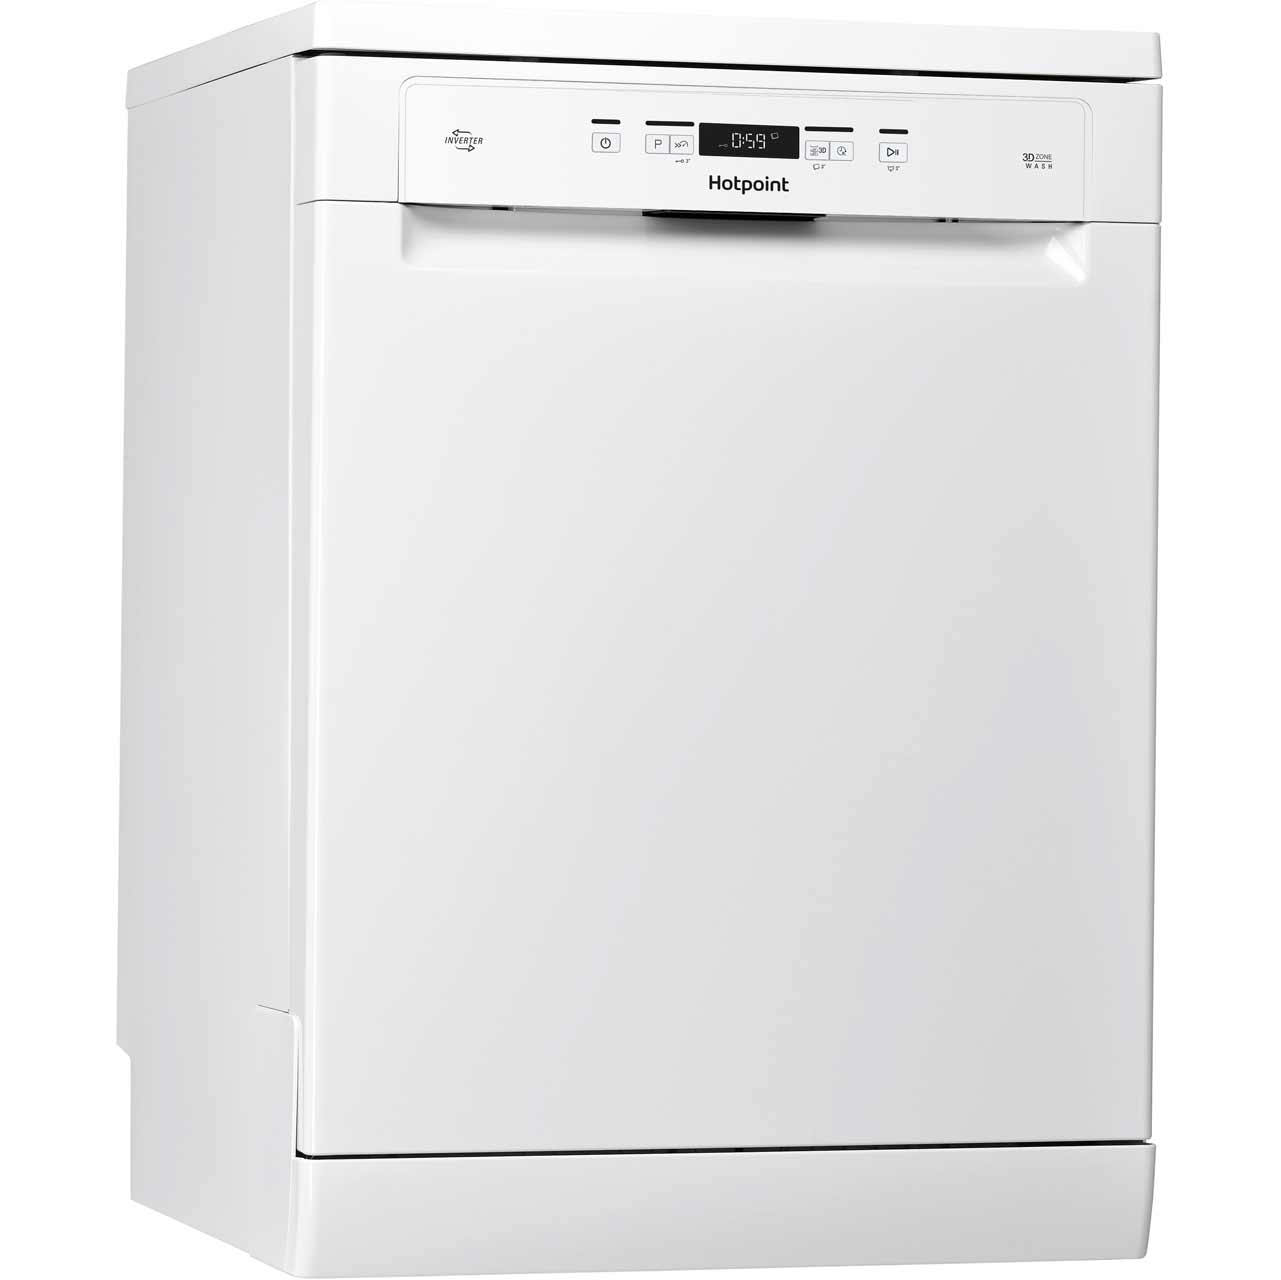 Boots kitchen appliances washing machines fridges more - Lave vaisselle avec tiroir couverts ...